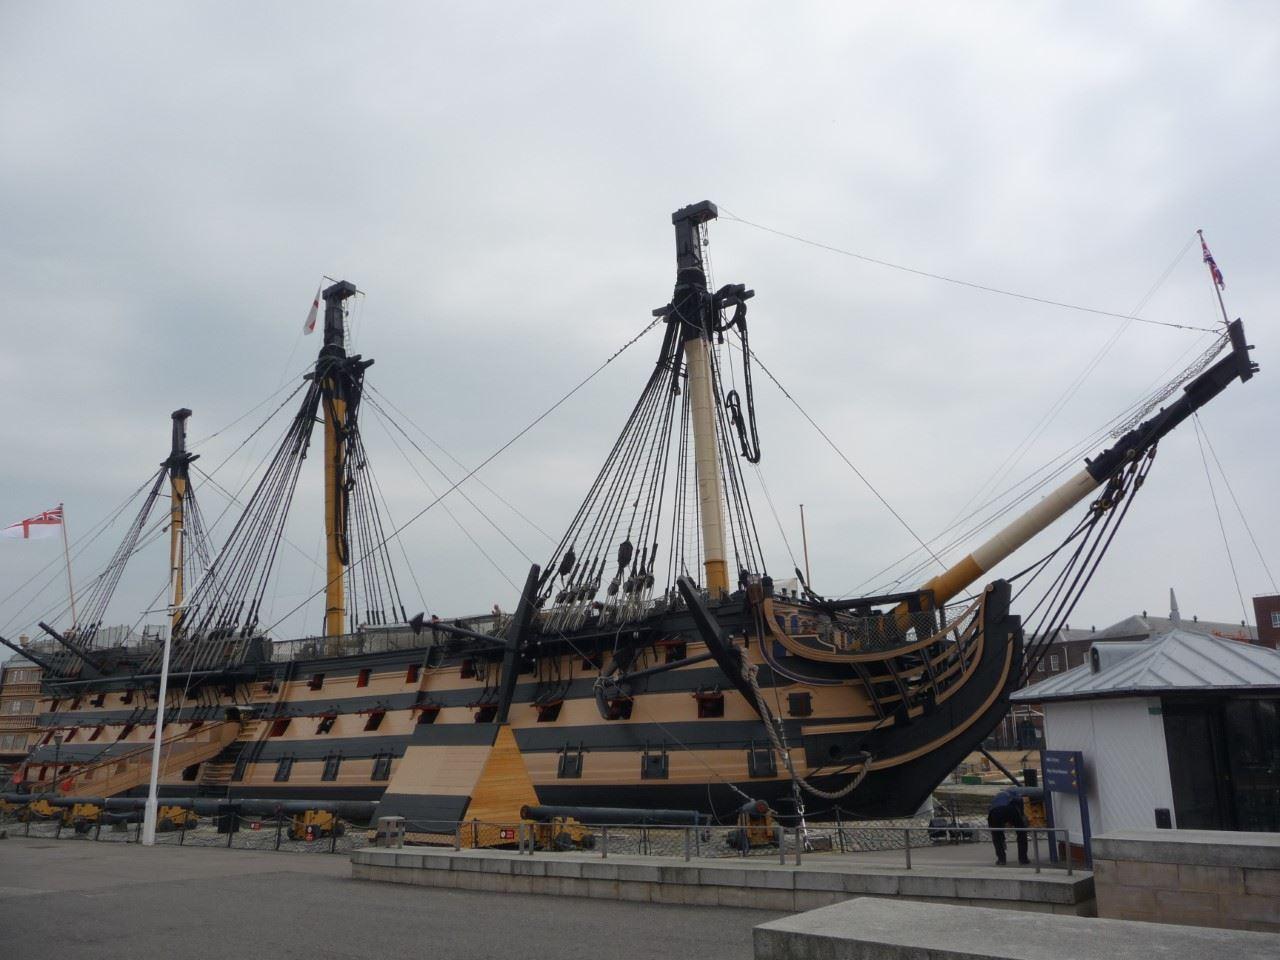 Marcus Bernhardsson, Söndagen den 10 juni år 1810 anlände det brittiska amiralitetets stolthet, HMS Victory, Hanö åtföljd av en stor flotteskader. Fartyget sjösattes år 1765 och är nu, 252 år senare, fortfarande i tjänst.